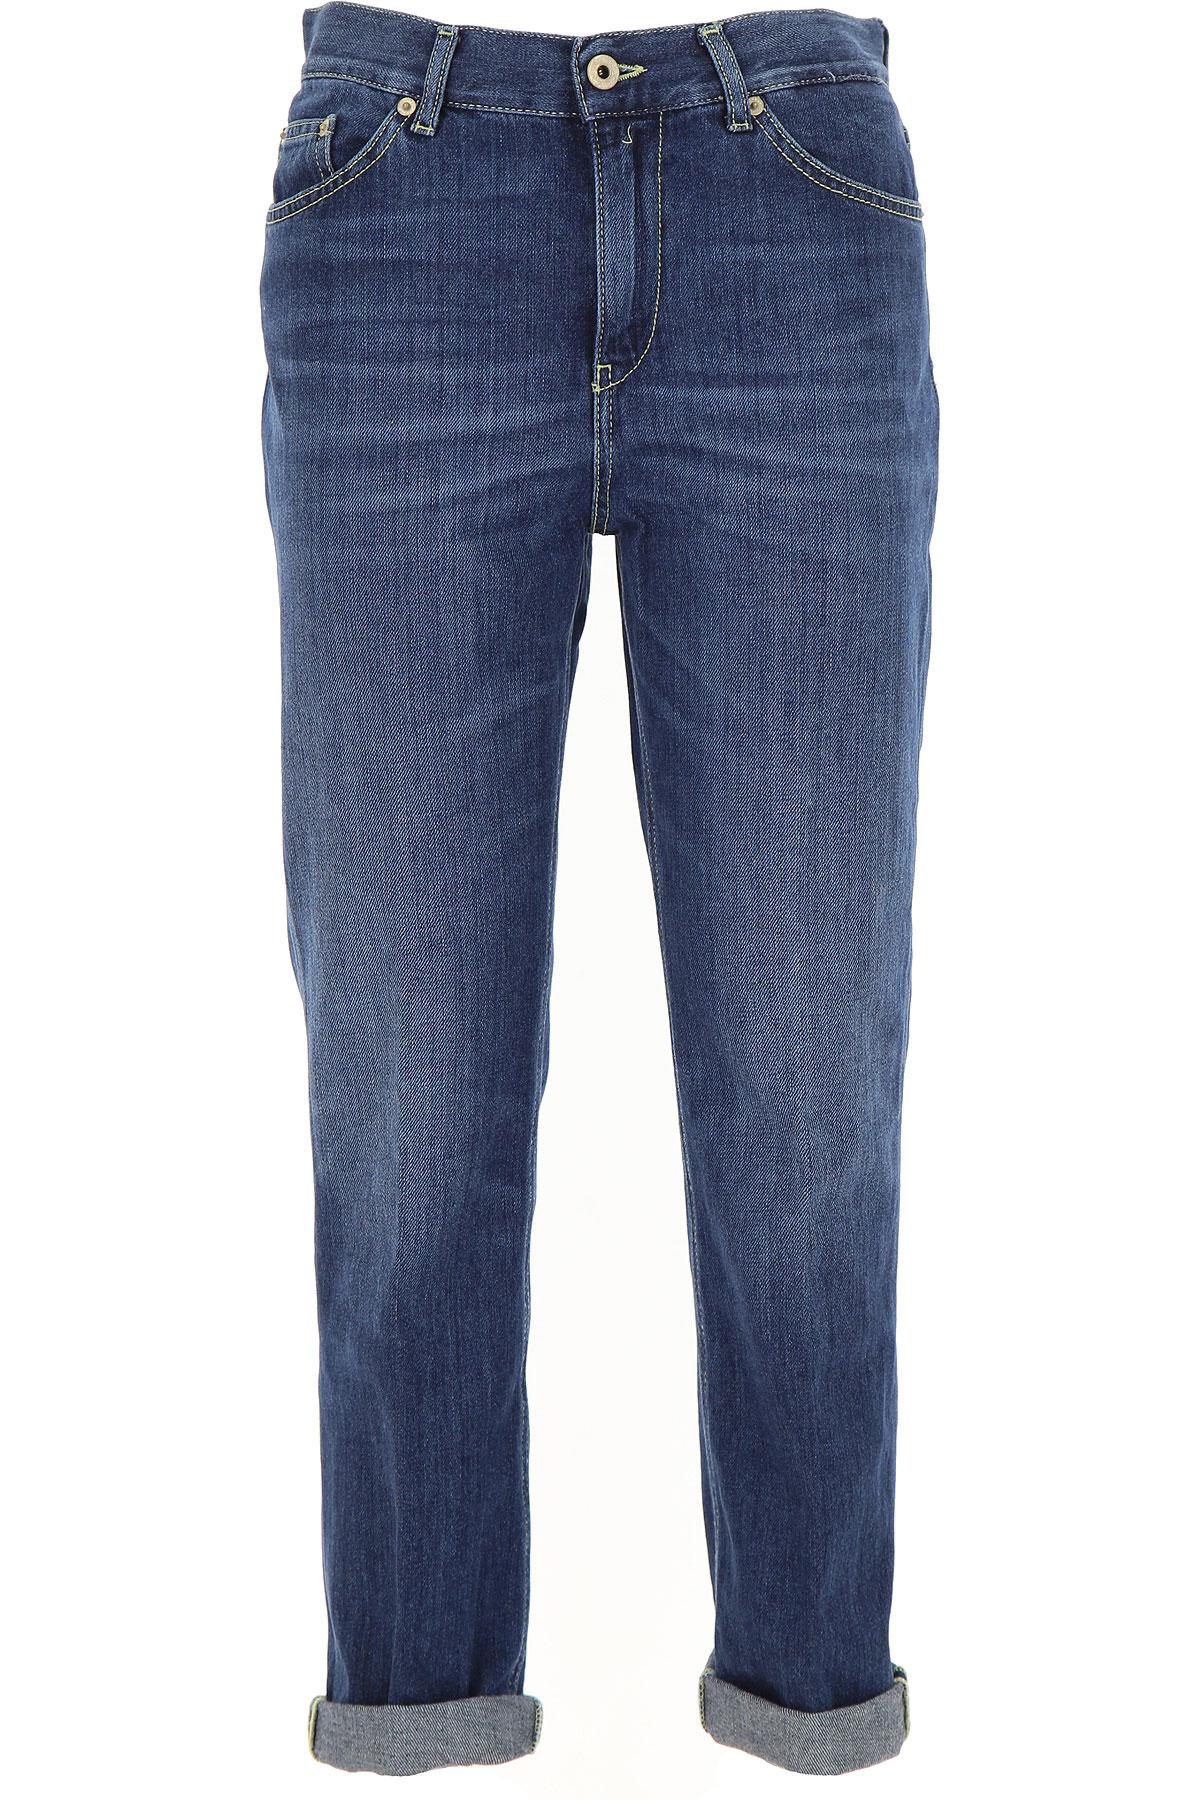 Dondup Jeans, Denim, Cotton, 2017, 27 28 29 30 31